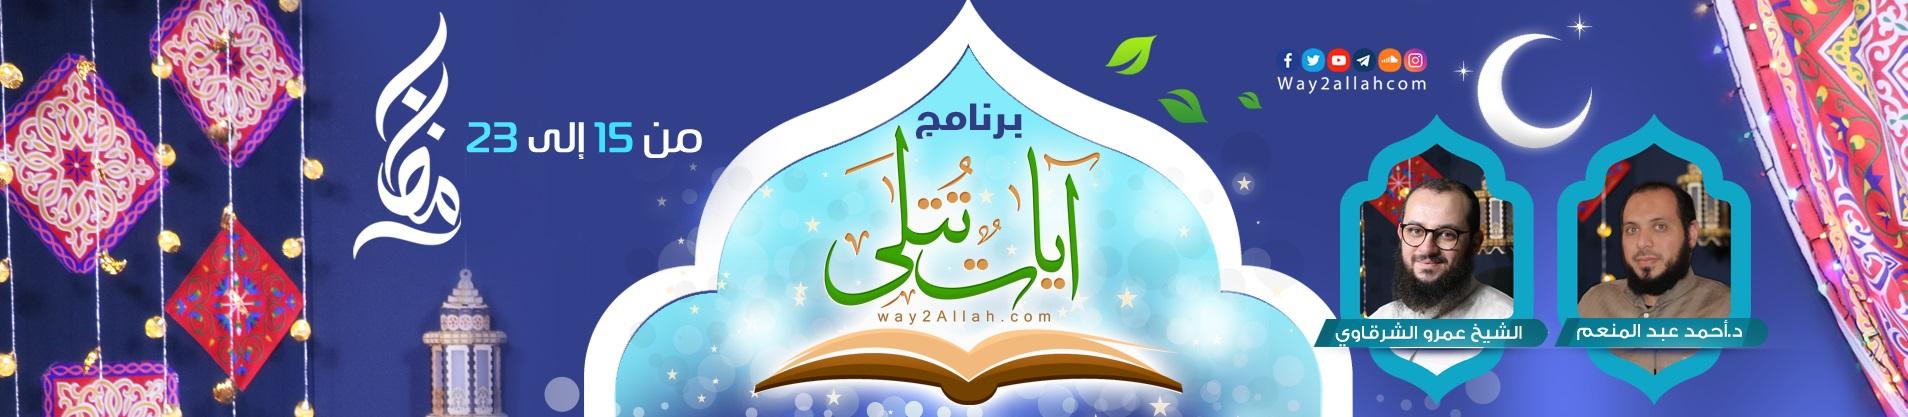 قريبا الموسم الجديد من • برنامج آيات تتلى • | مع د أحمد عبد المنعم والشيخ عمرو الشرقاوي